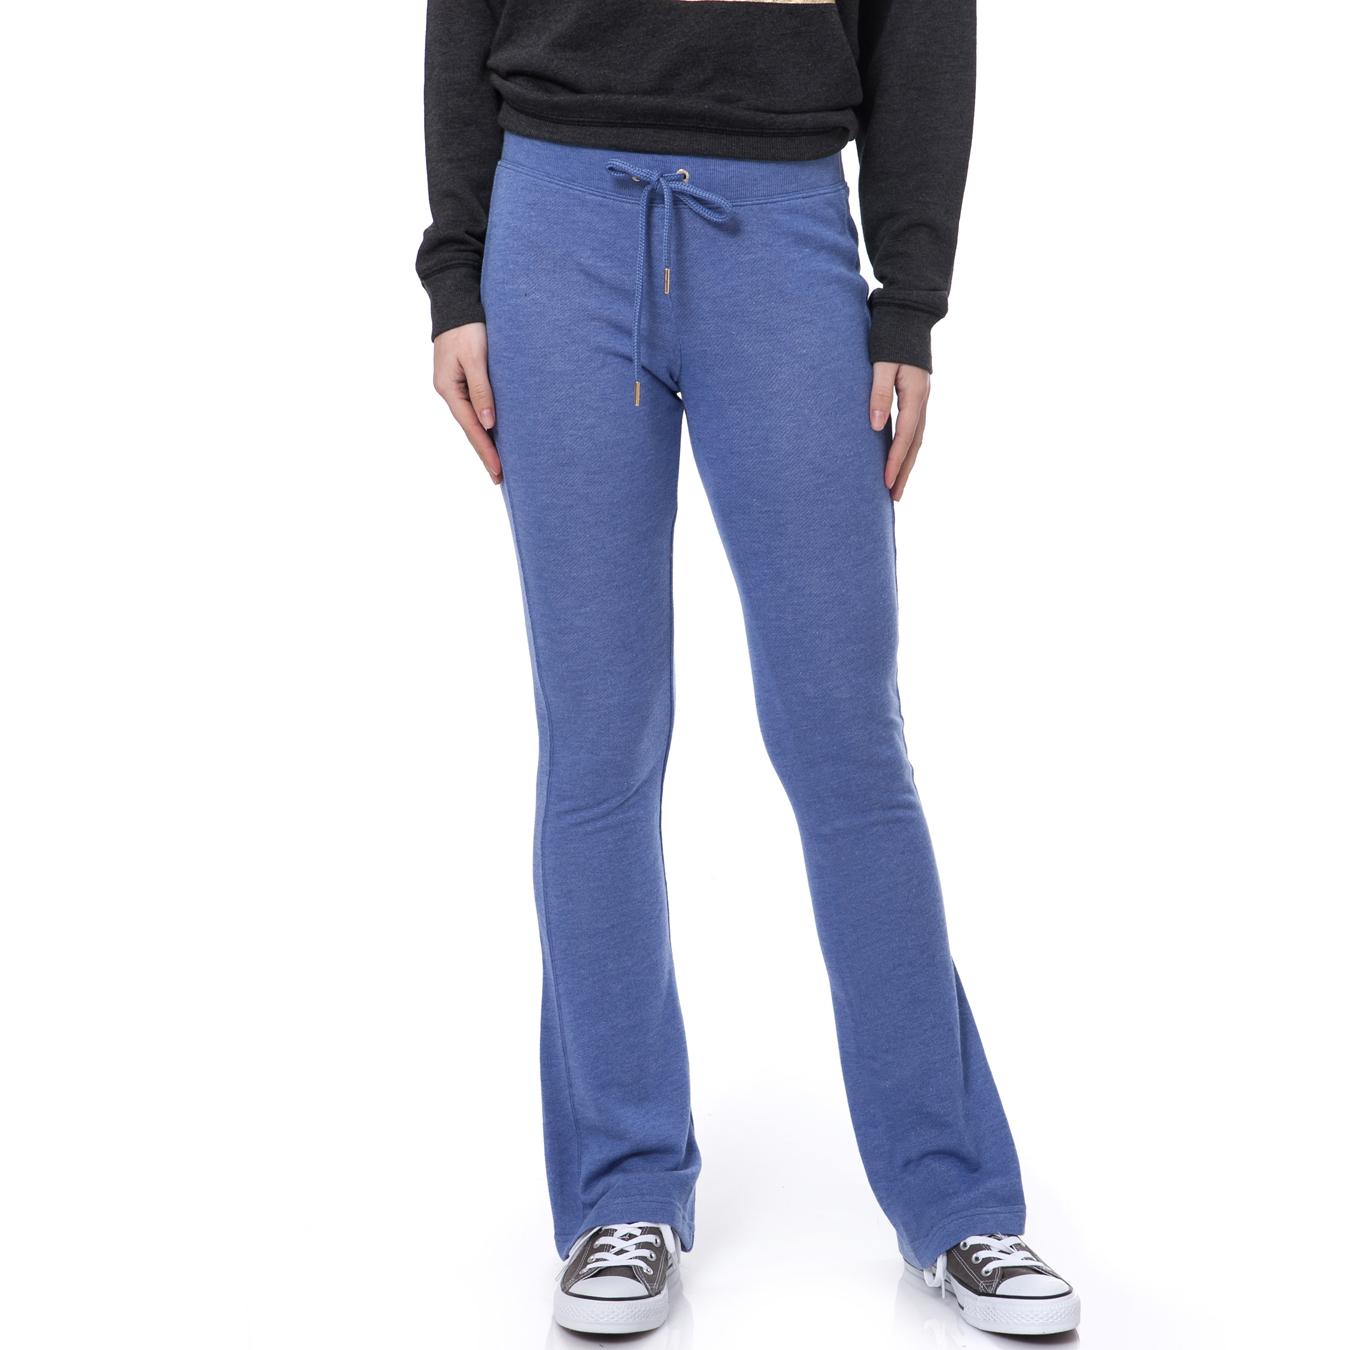 JUICY COUTURE - Γυναικείο παντελόνι Juicy Couture μπλε-μωβ γυναικεία ρούχα παντελόνια φόρμες